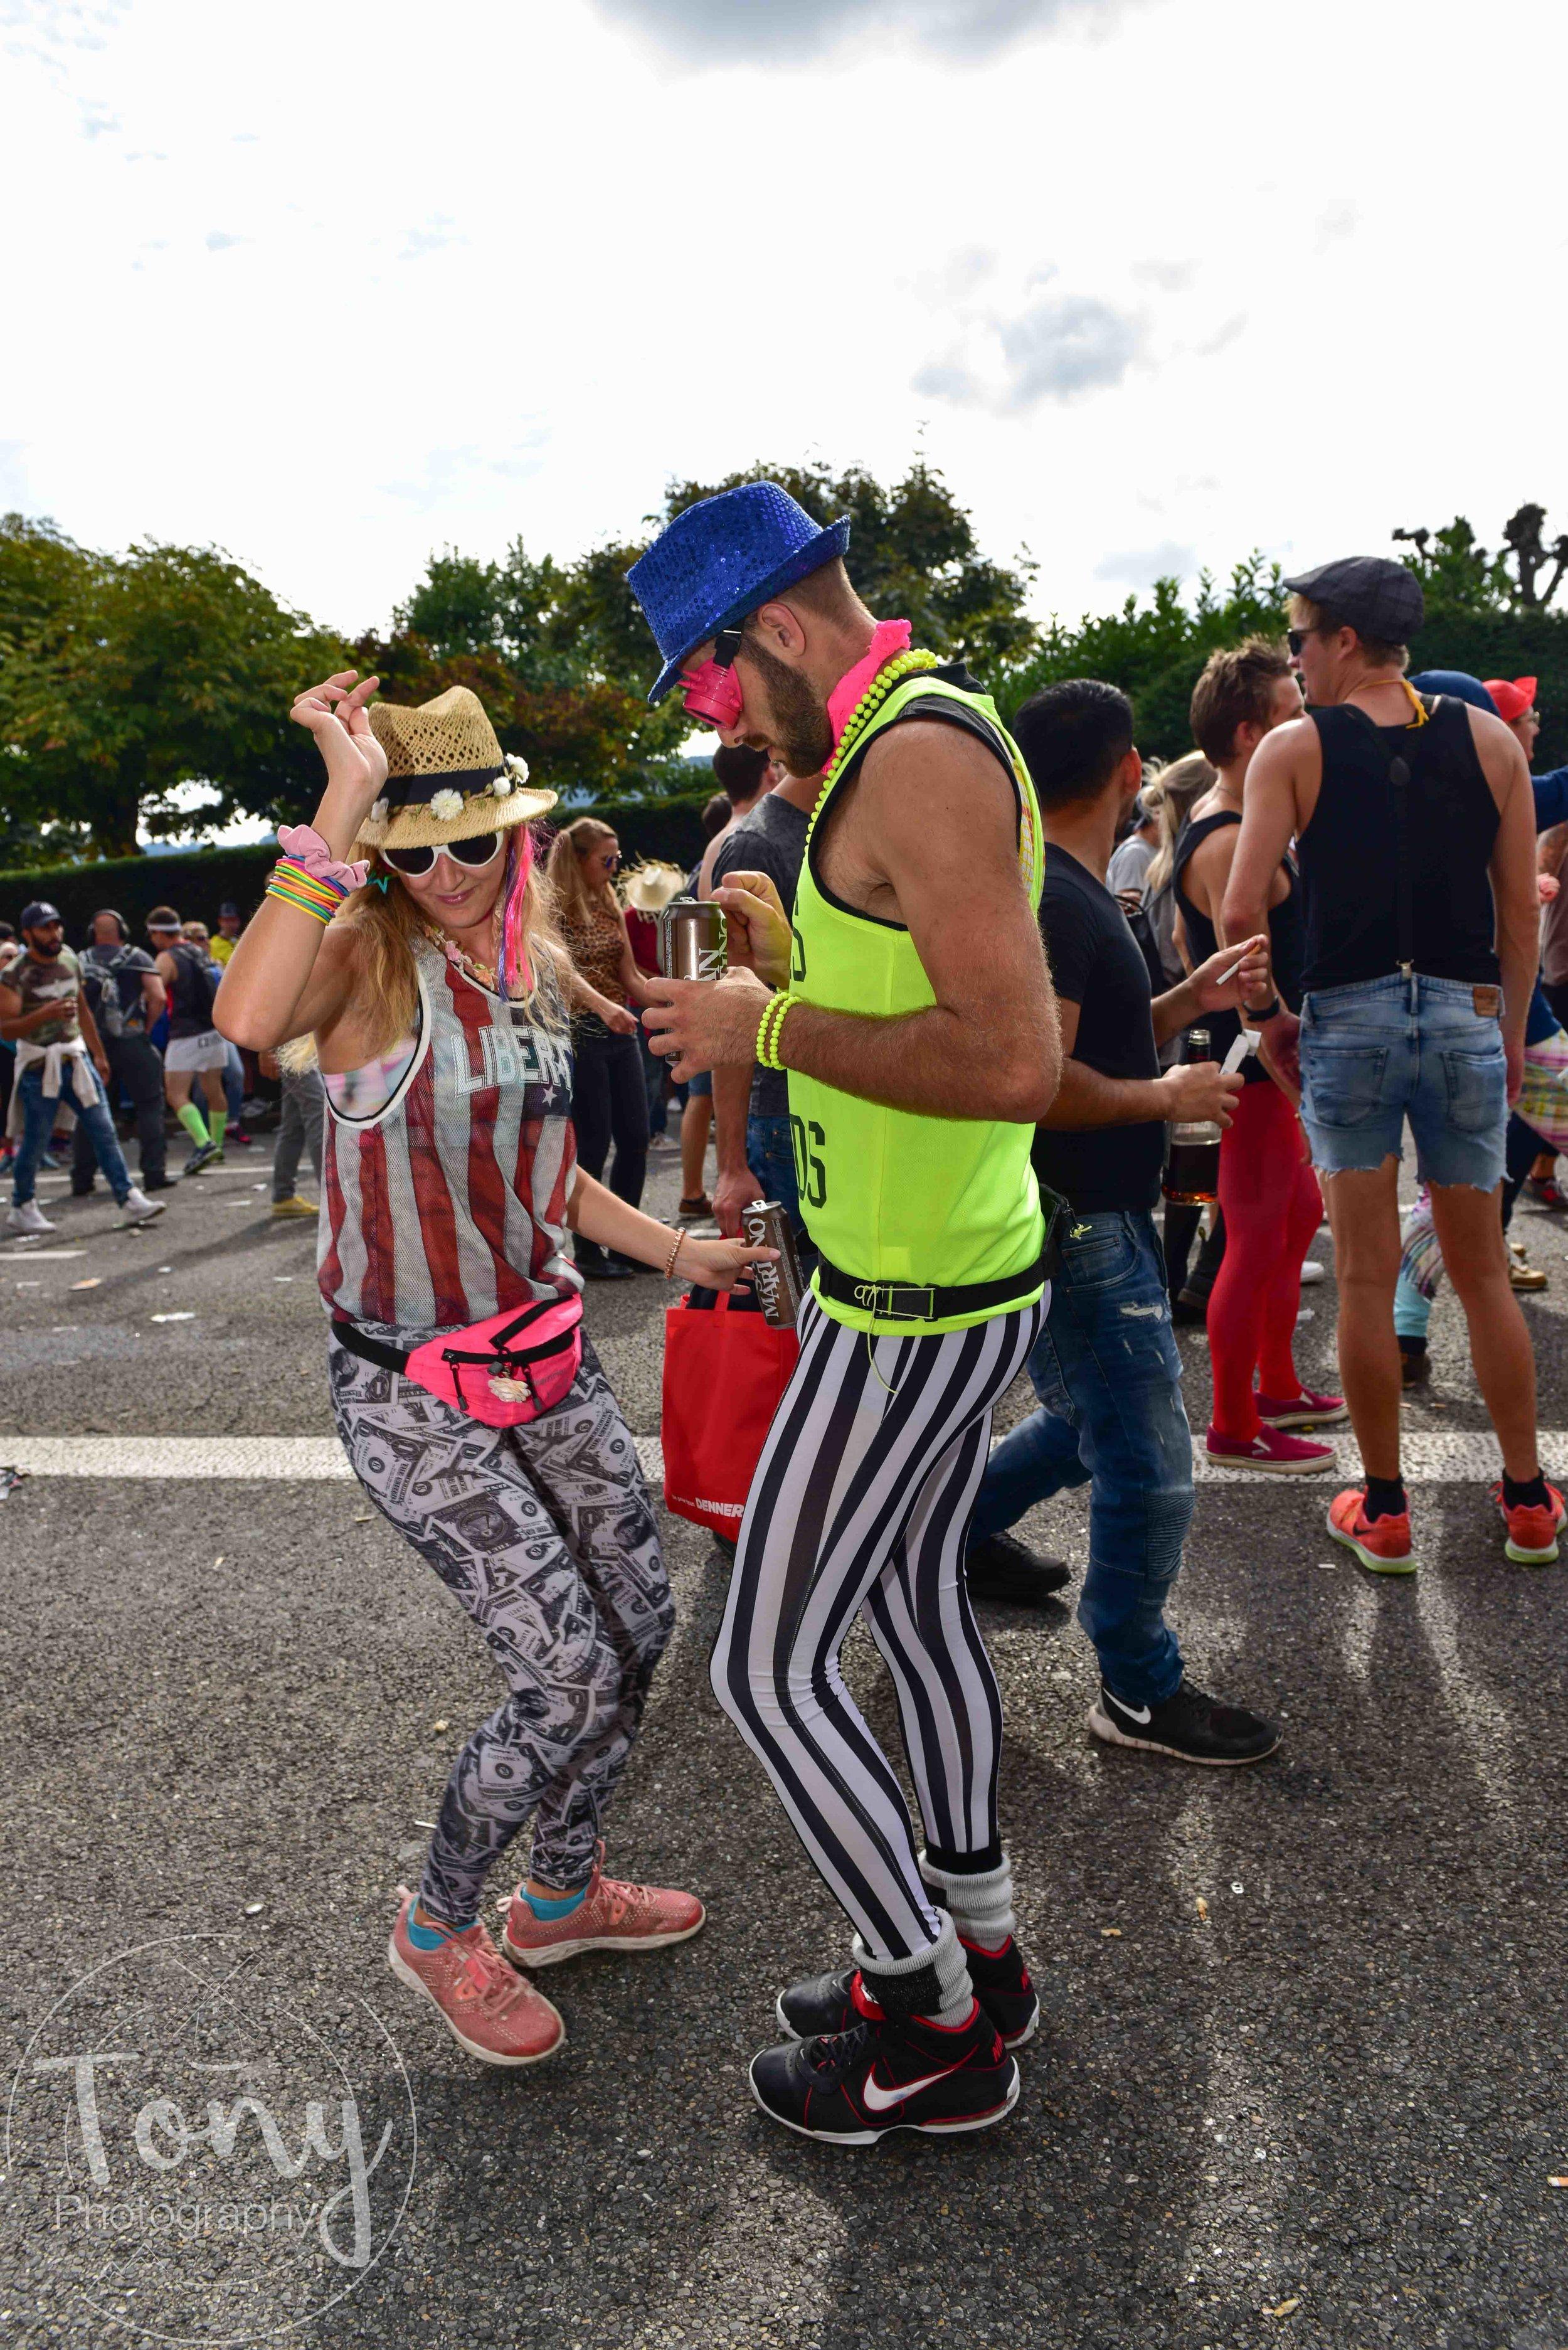 streetparade-176.jpg